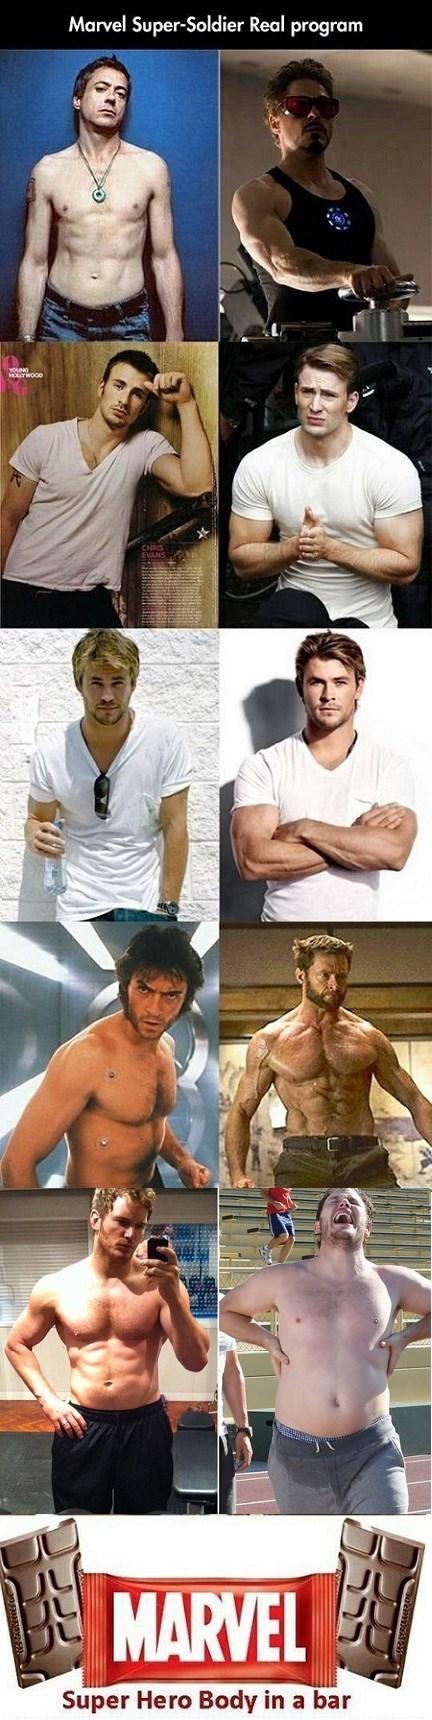 superheroes-marvel-actors-get-in-shape-quick